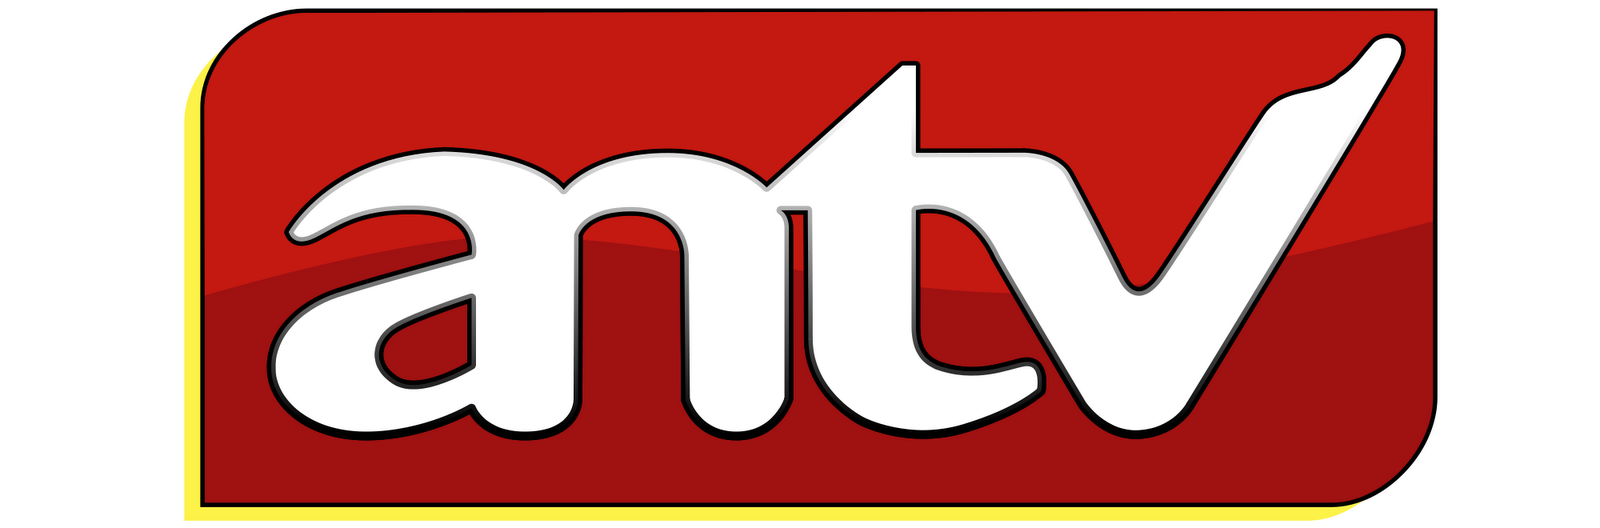 nonton tv online antv live streaming nonton tv online antv live